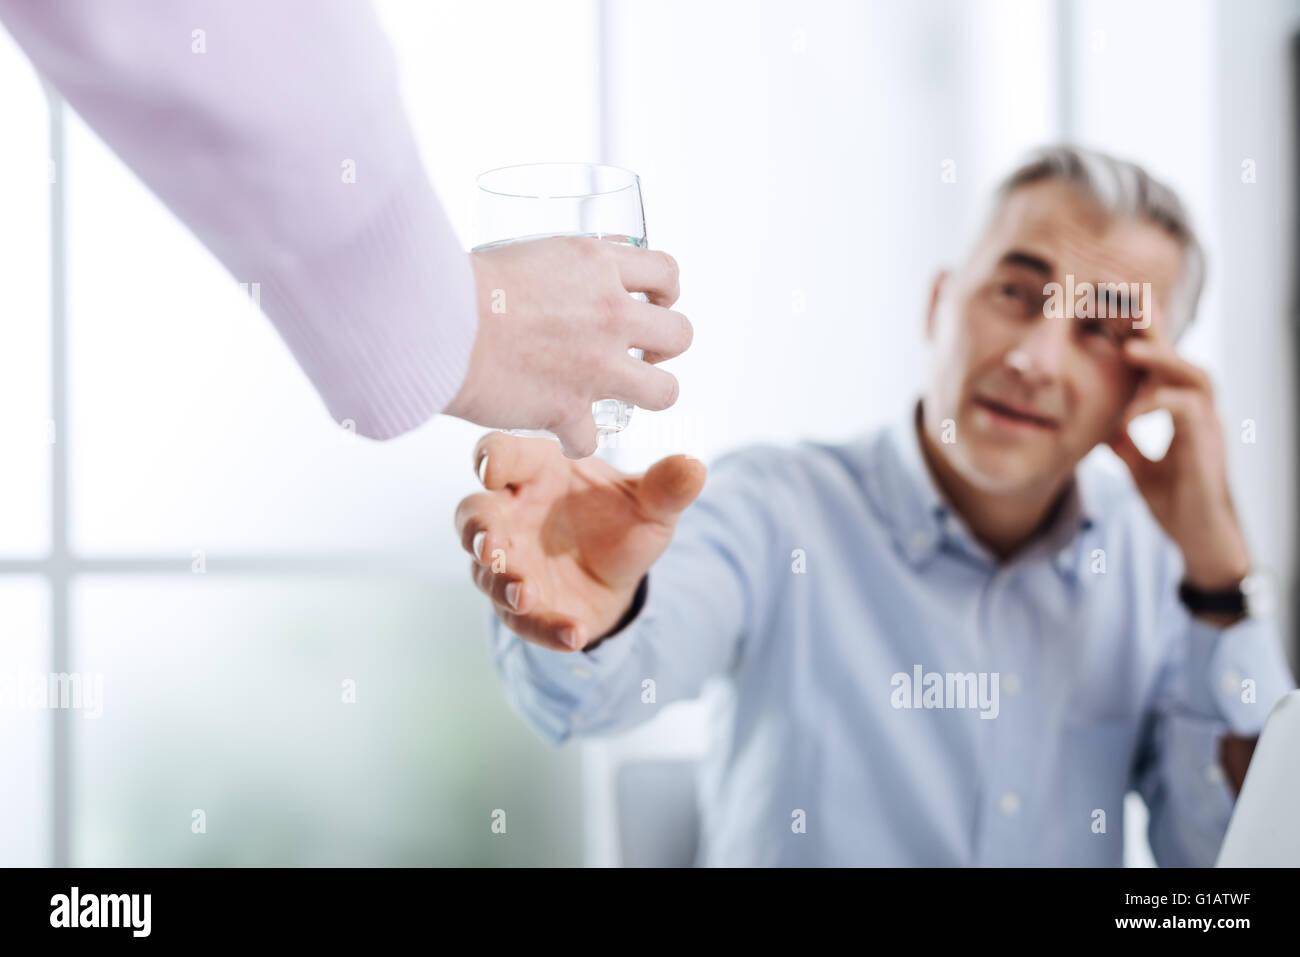 Épuisé man dans son bureau et d'avoir un mal de tête, son adjoint est en lui tendant un verre Photo Stock